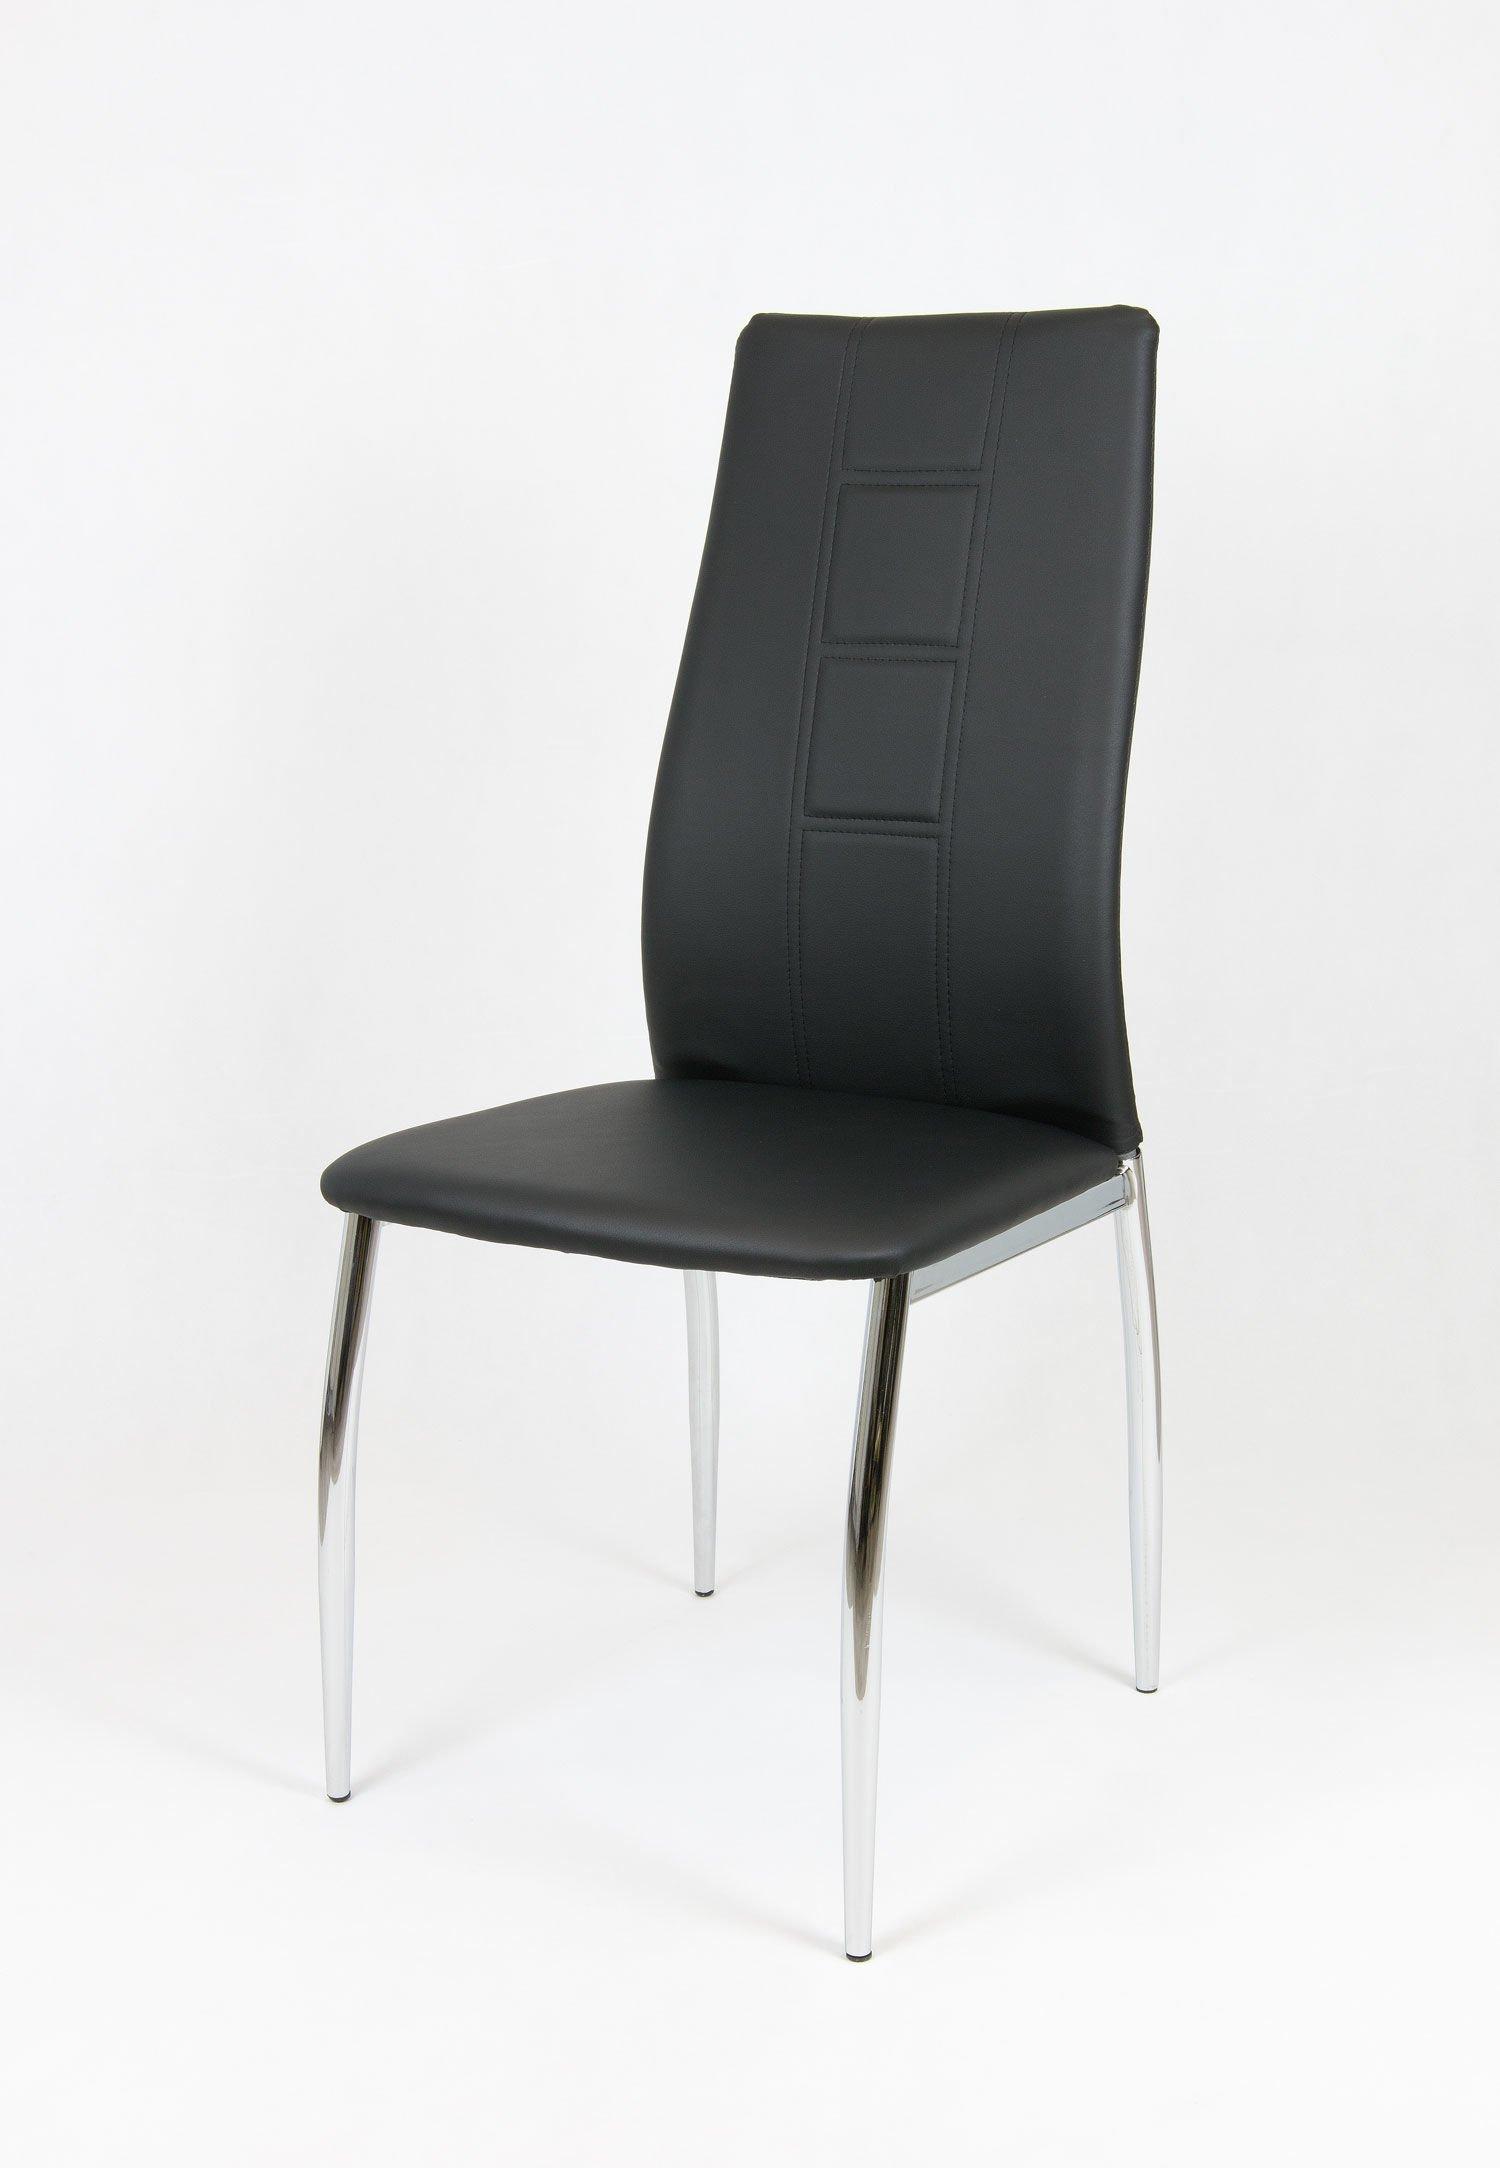 sk design ks026 schwarz kunsleder stuhl mit chromgestell schwarz angebot st hlen b ro. Black Bedroom Furniture Sets. Home Design Ideas